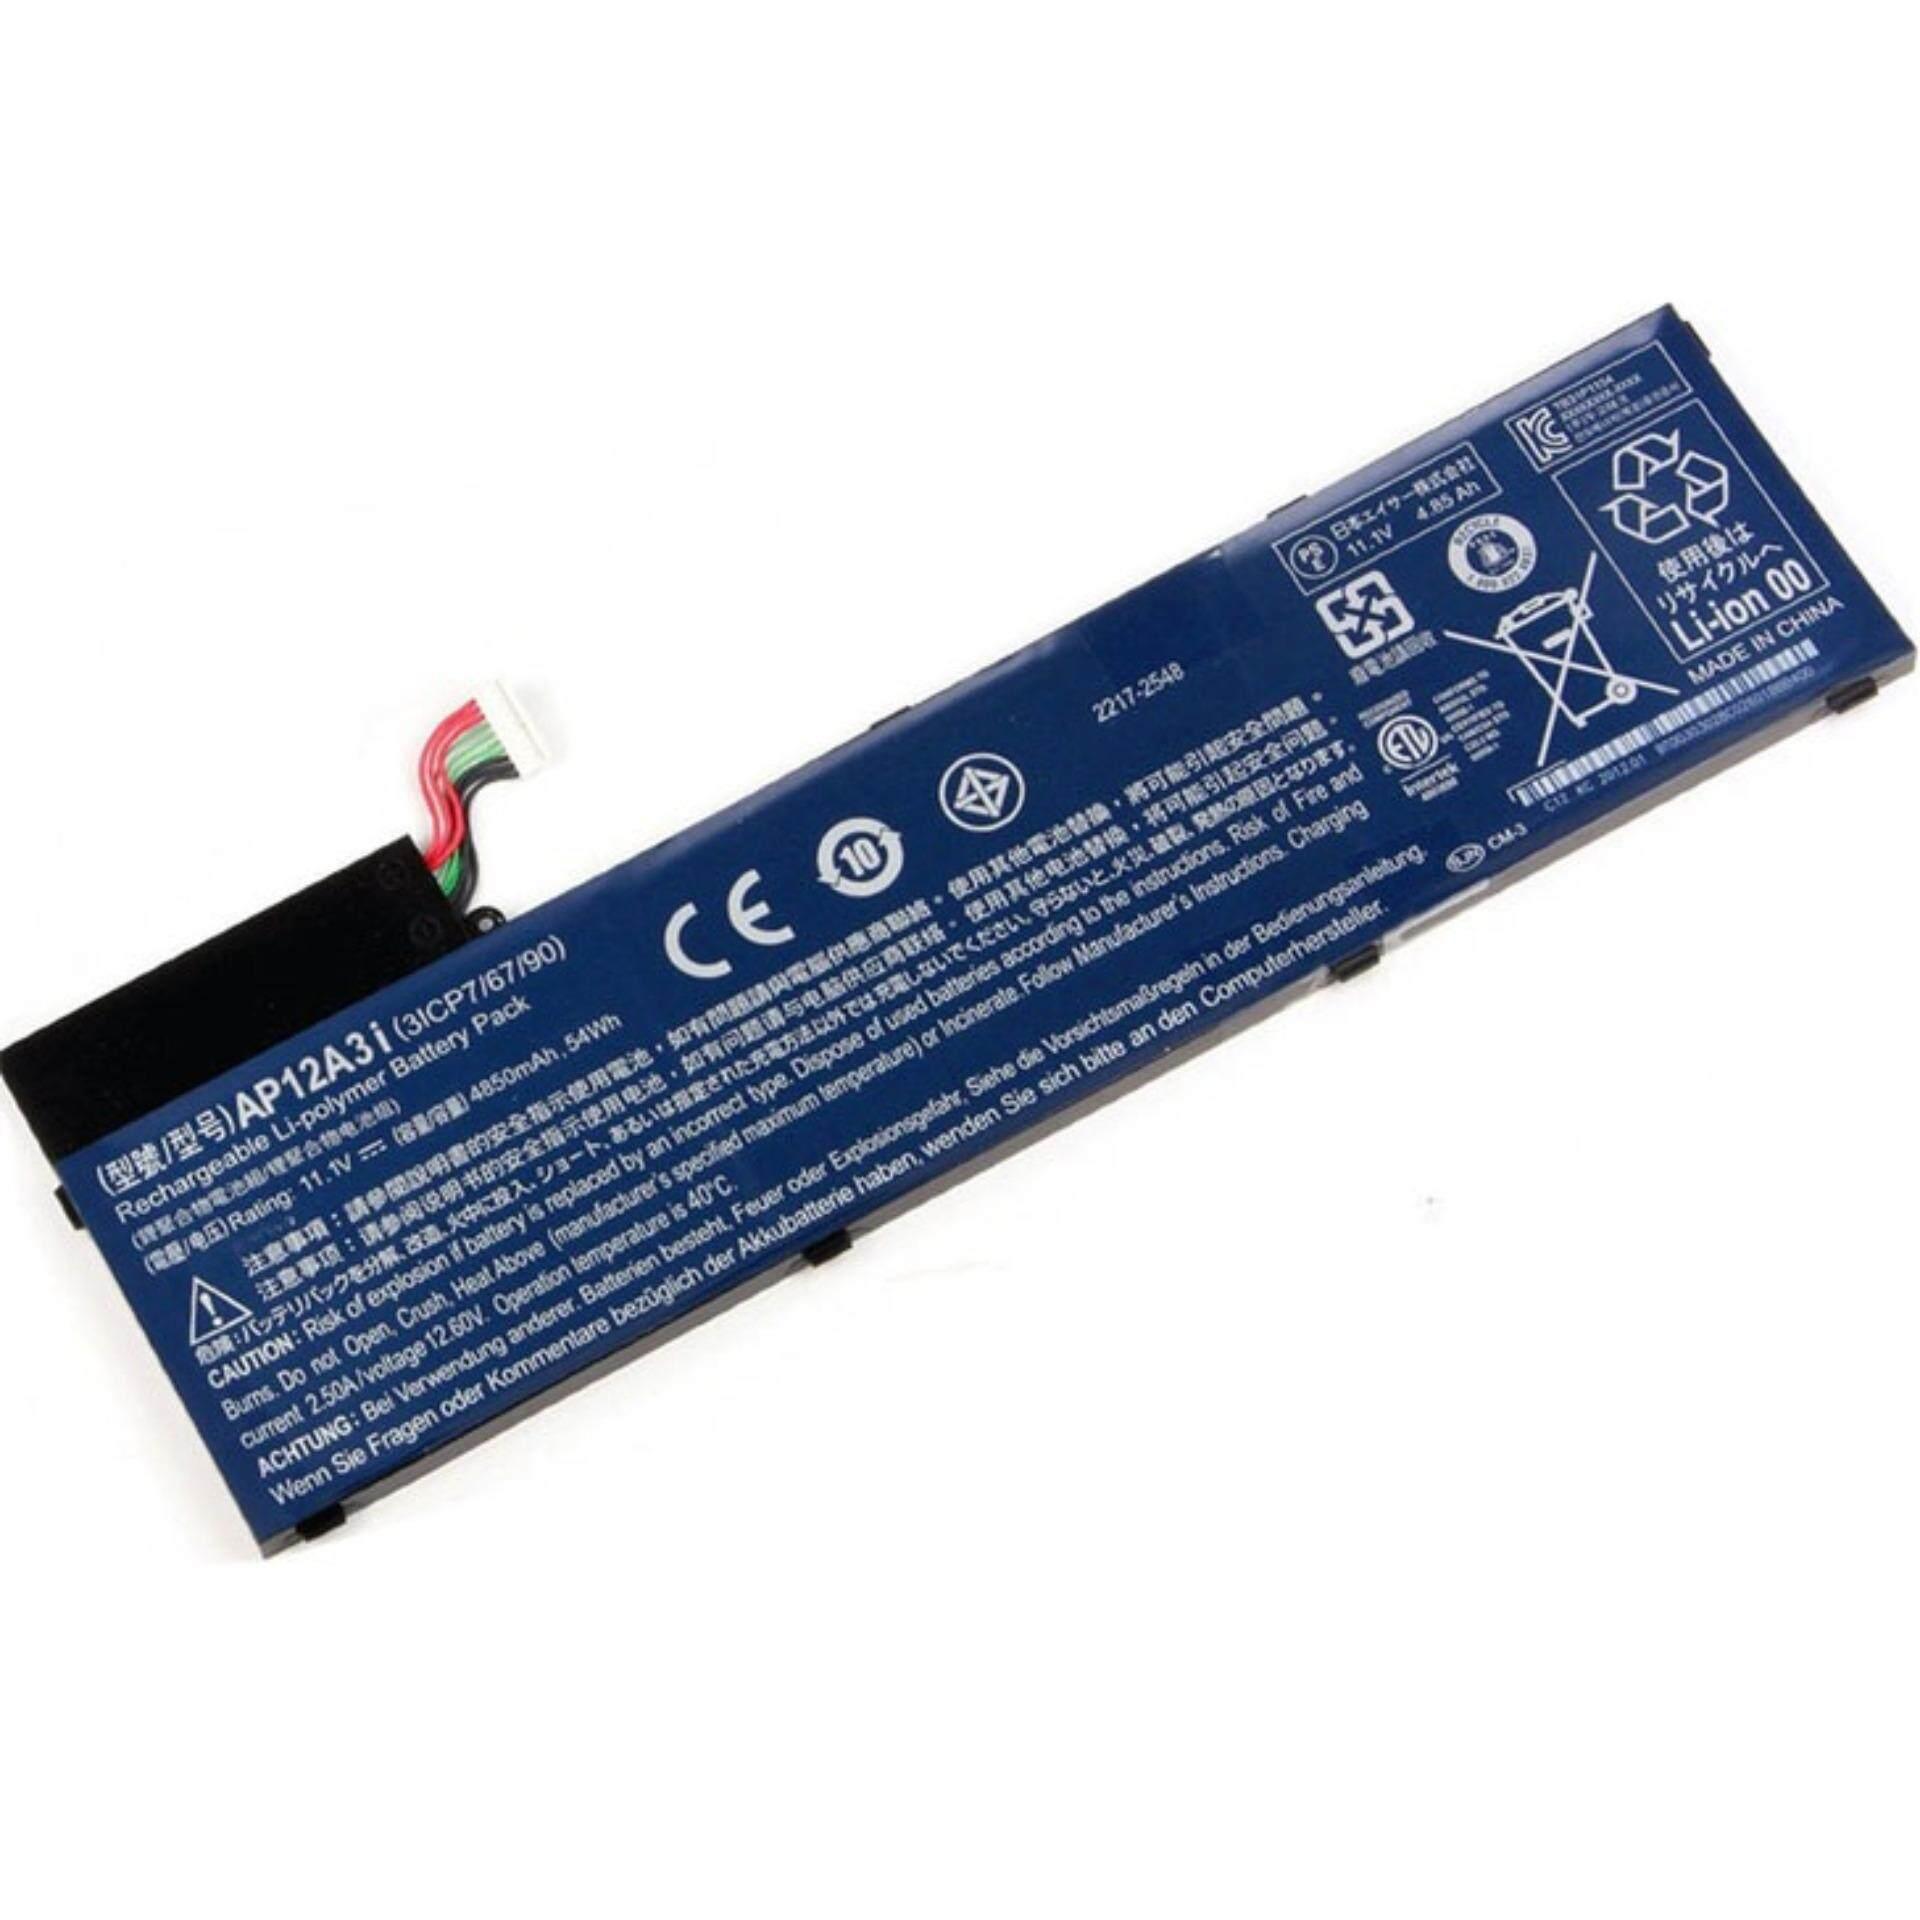 Acer Aspire M3-581TG-53336G12Makk Laptop Battery